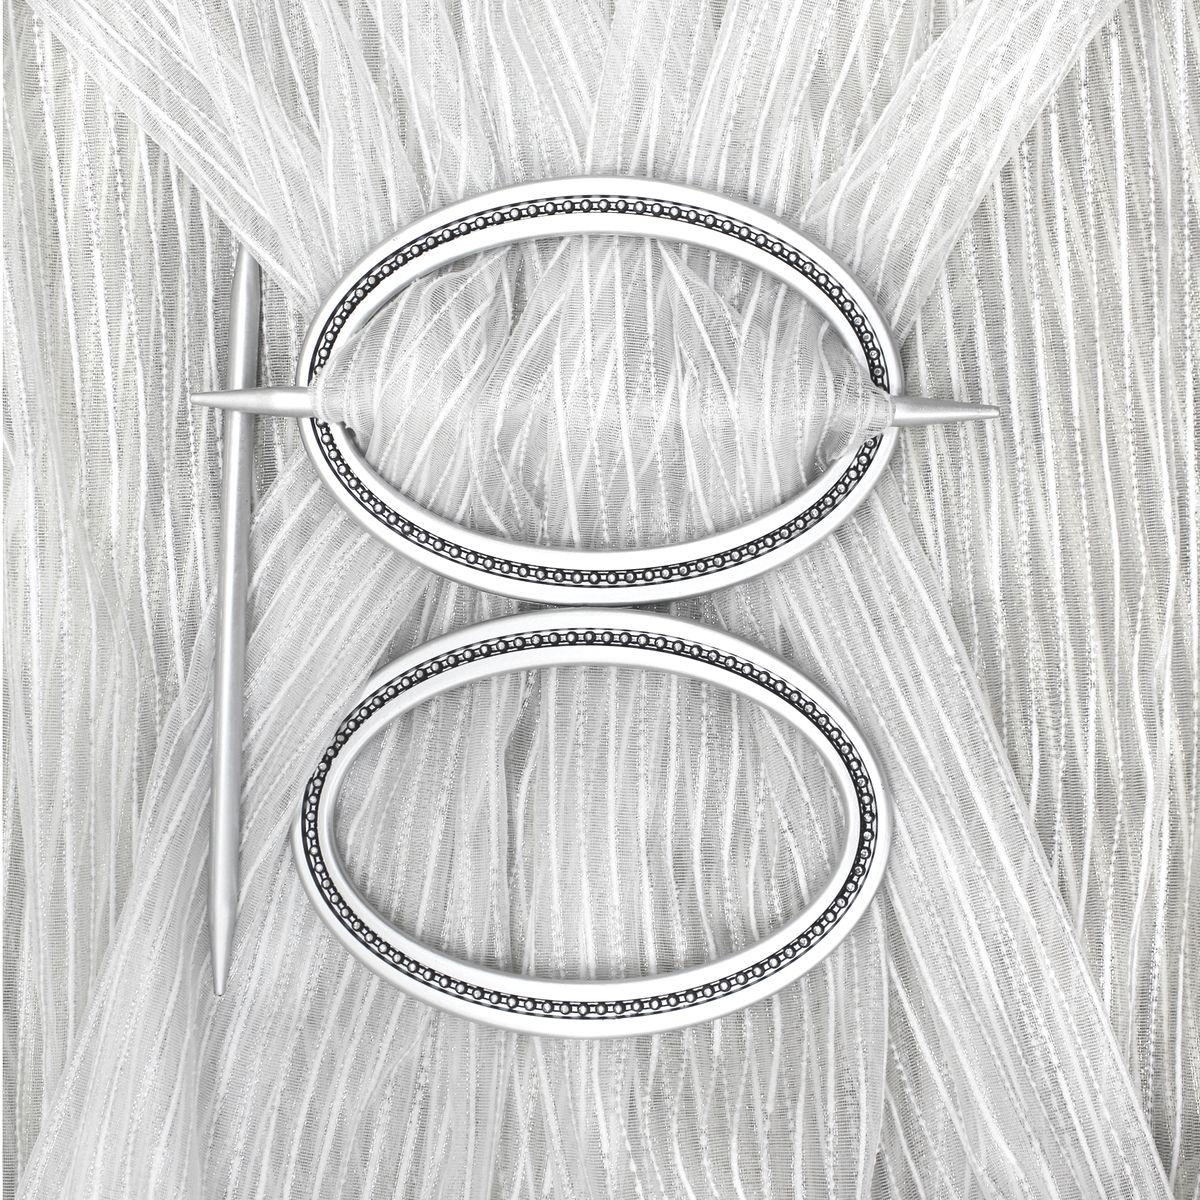 Заколка для штор TexRepublic Oval, цвет: серебристый, 2 шт. 7903679036Заколка TexRepublic Oval, выполненная извысококачественного пластика, предназначена дляфиксации штор или для формирования декоративных складокна ткани. С ее помощью можно зафиксироватьшторы или скрепить их, придать им требуемоеположение, сделать симметричные складки.Заколка для штор является универсальнымизделием, которое превосходно подойдет длялюбых видов штор. Изделие придаст шторамвосхитительный, стильный внешний вид и добавитуют в интерьер помещения.В комплекте 2 заколки.